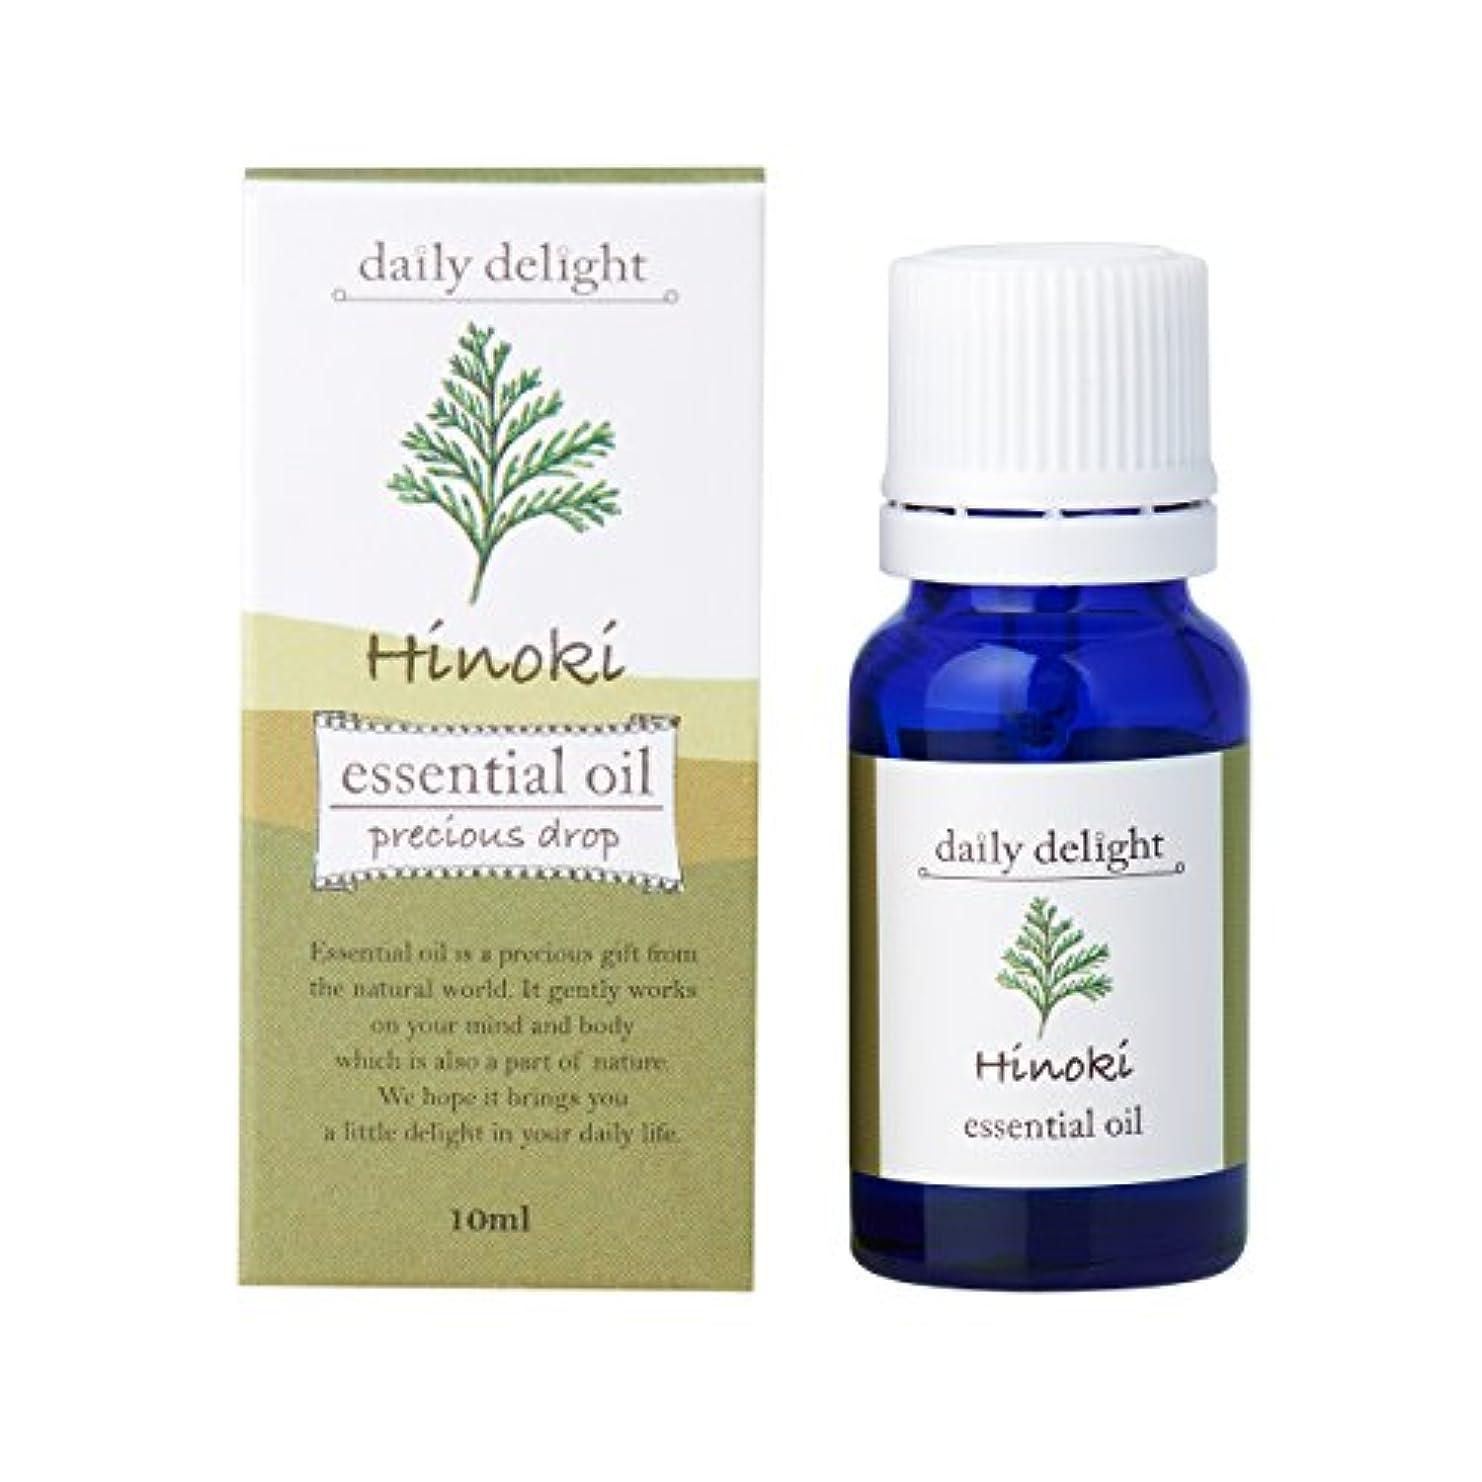 デイリーディライト エッセンシャルオイル ヒノキ 10ml(天然100% 精油 アロマ 樹木系 ほっとする木の香り)